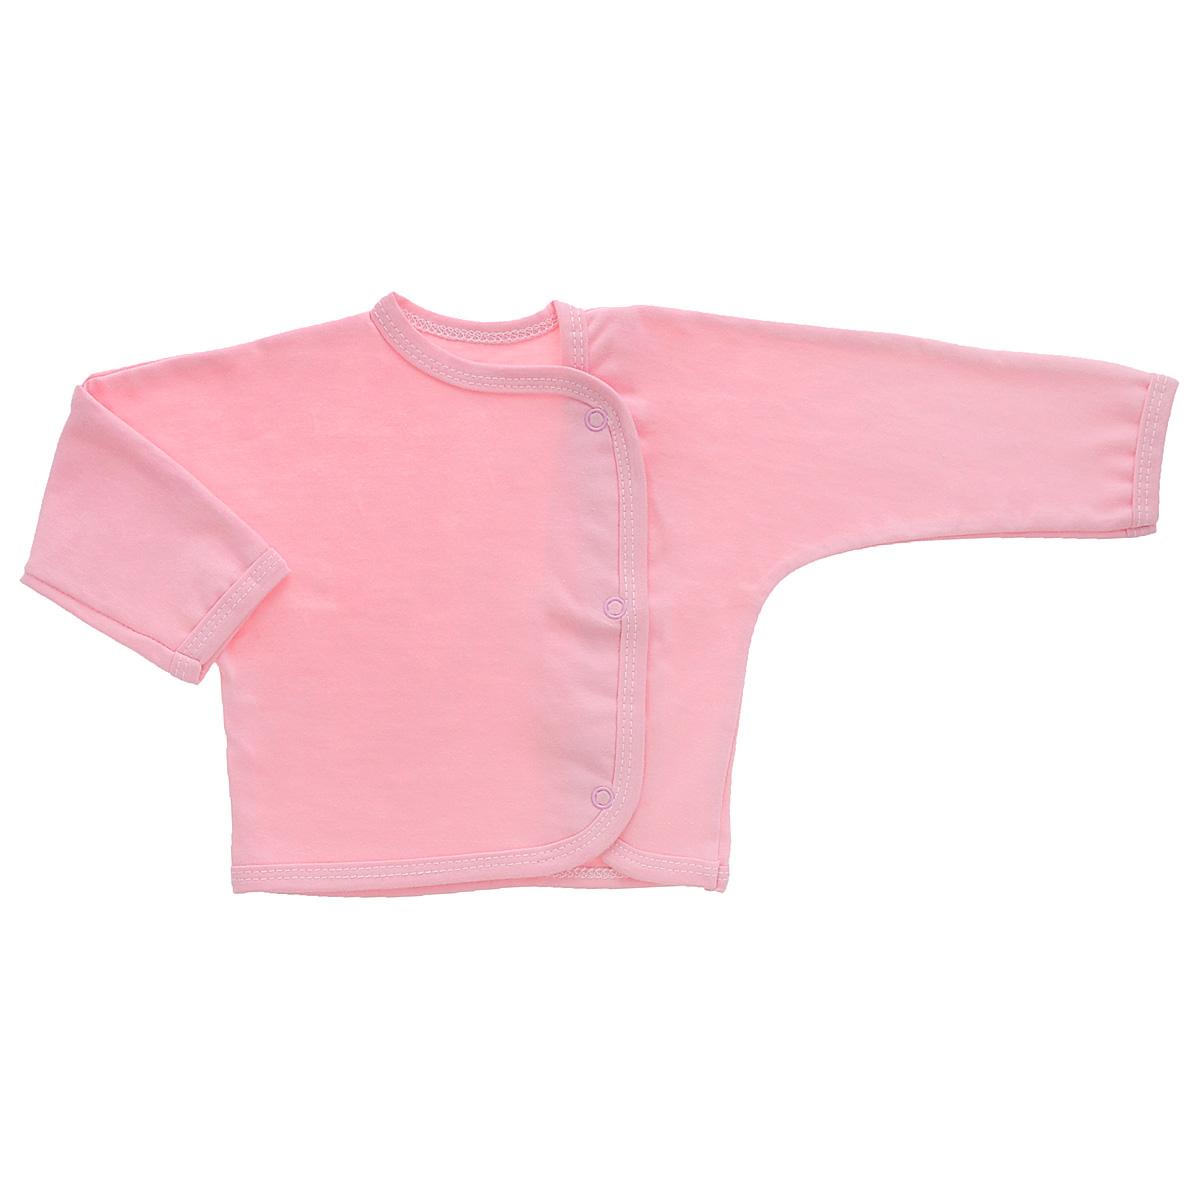 5153Кофточка с длинными рукавами Трон-плюс послужит идеальным дополнением к гардеробу младенца. Кофточка выполнена из кулирного полотна - натурального хлопка, благодаря чему она необычайно мягкая и легкая, не раздражает нежную кожу ребенка и хорошо вентилируется, а эластичные швы приятны телу малыша и не препятствуют его движениям. Кофточка застегивается спереди по всей длине при помощи кнопок, позволяют без труда переодеть ребенка.